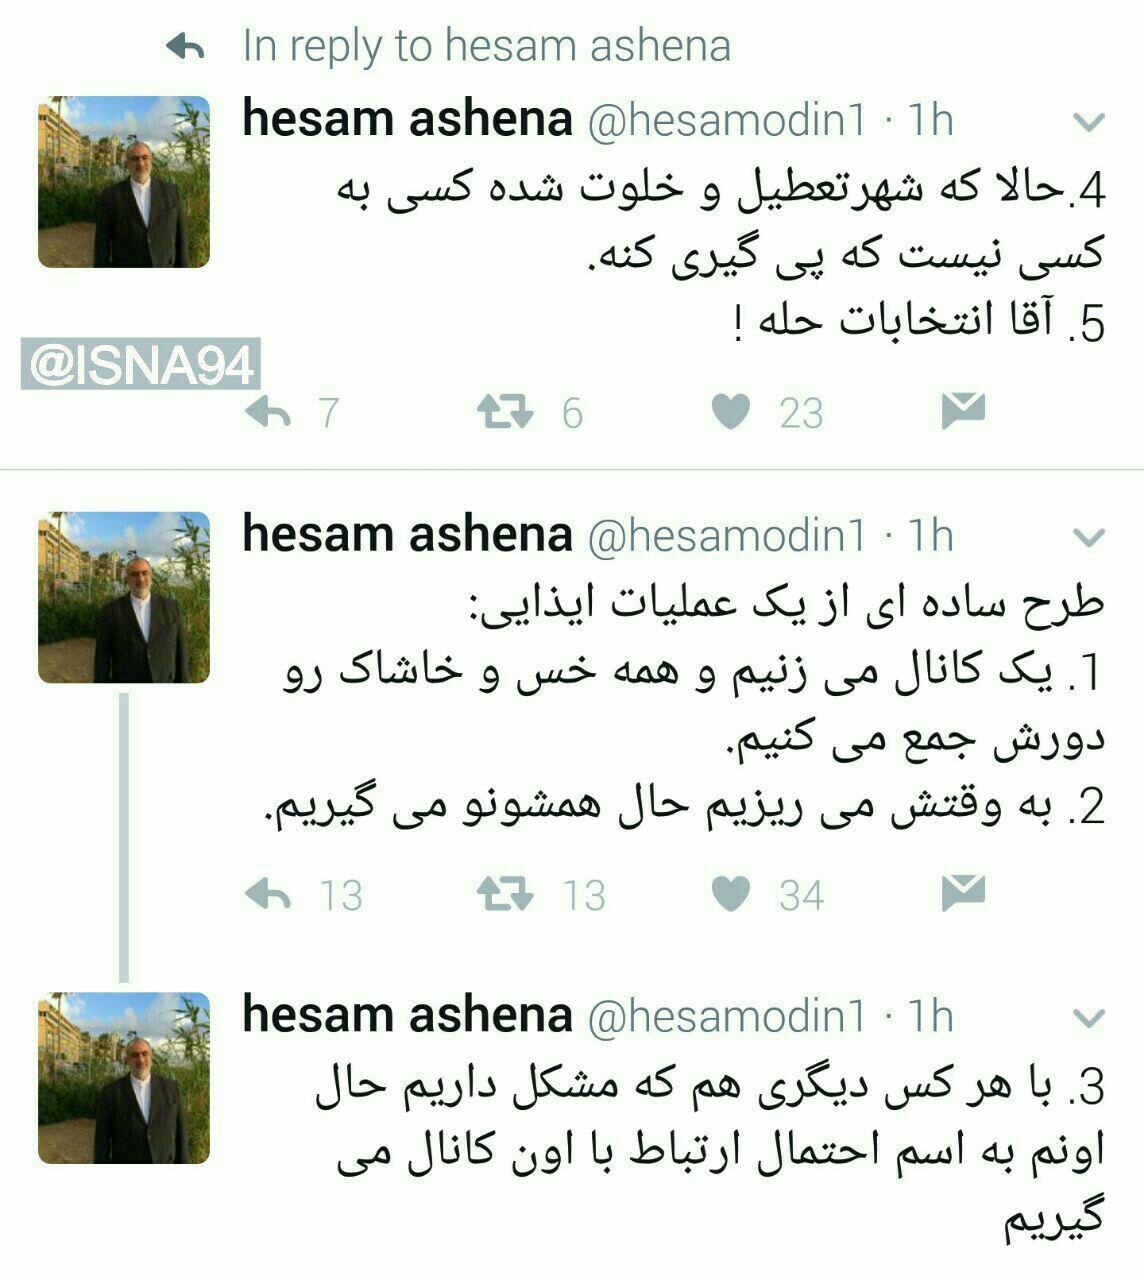 توییت های حسام آشنا در خصوص آمد نیوز